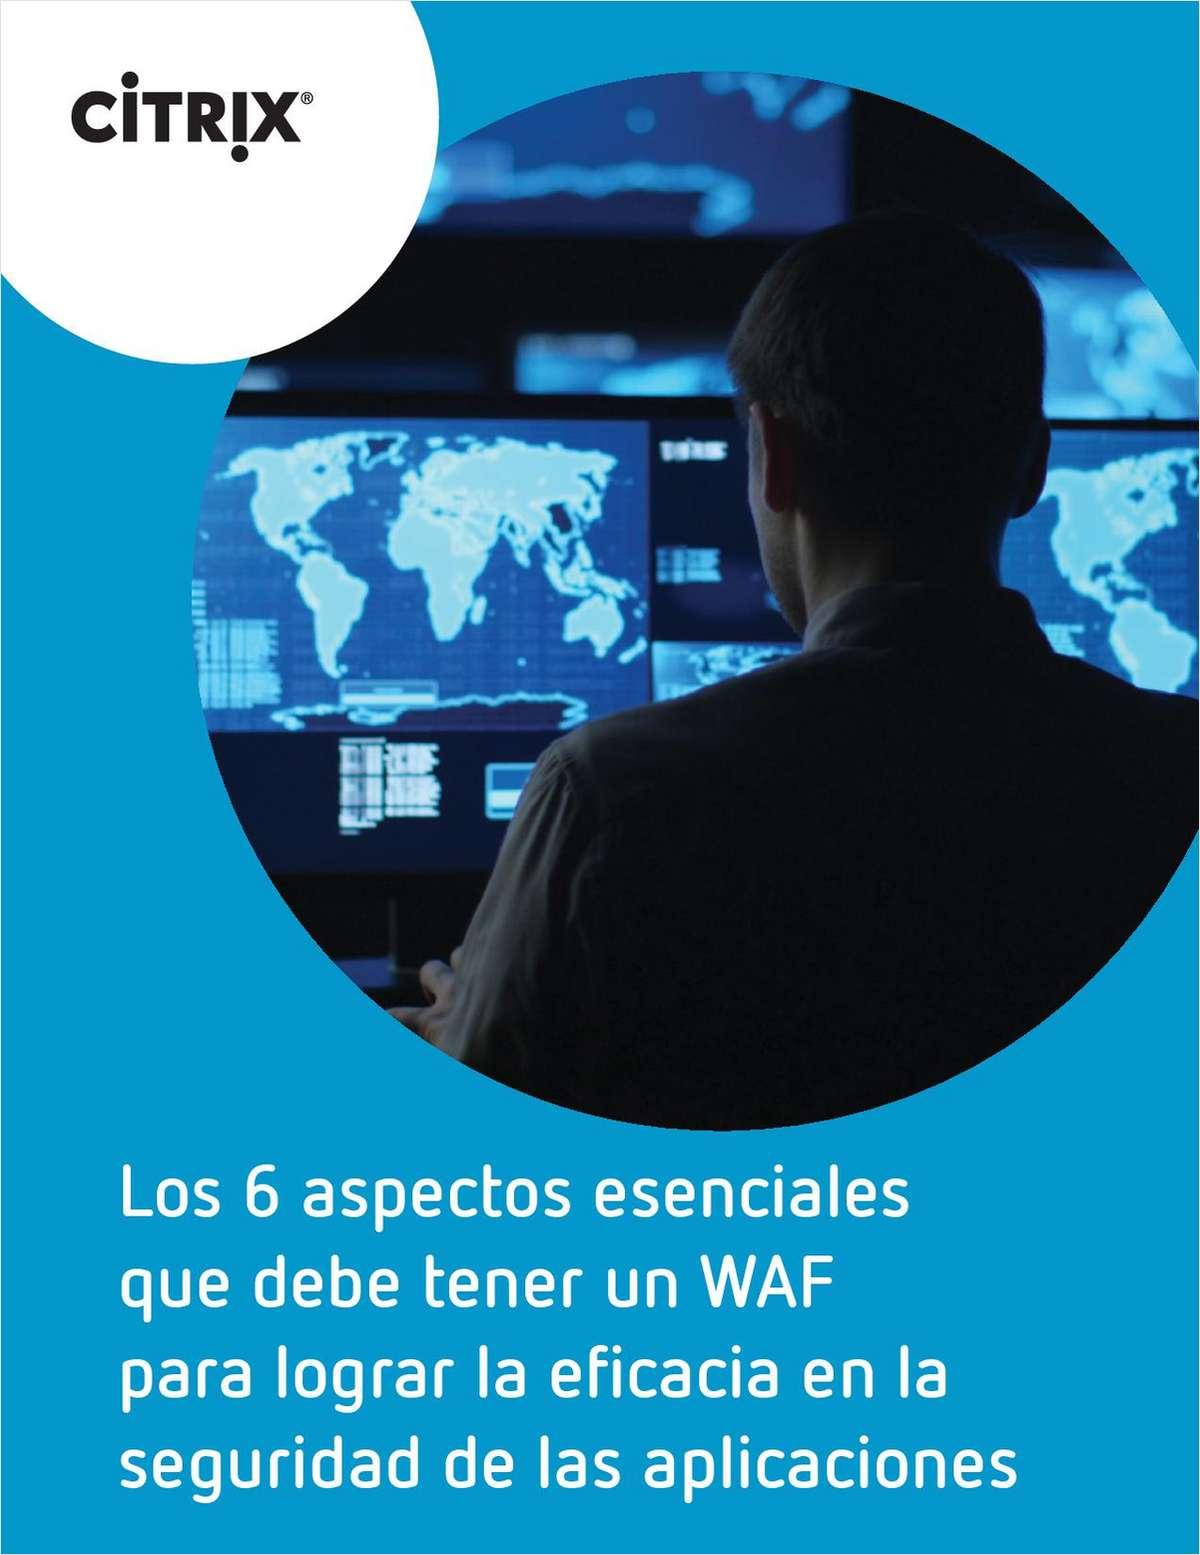 Los 6 principales conceptos básicos de WAF para obtener la eficacia en seguridad de las aplicaciones